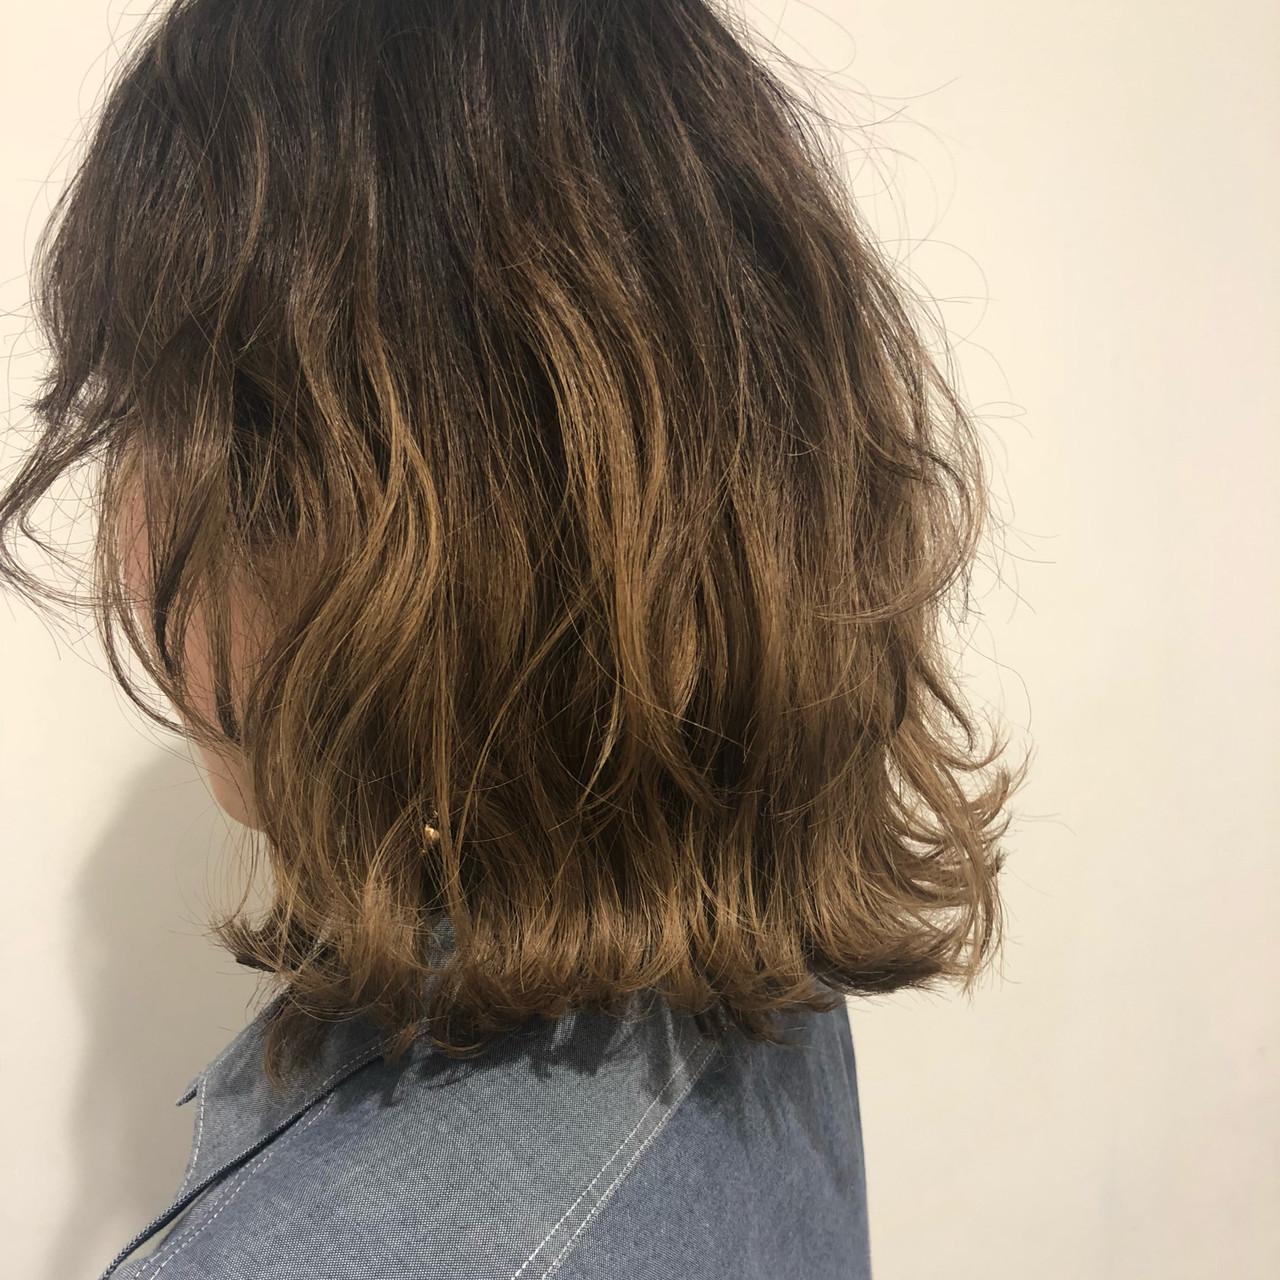 ナチュラル 成人式 ヘアアレンジ デートヘアスタイルや髪型の写真・画像